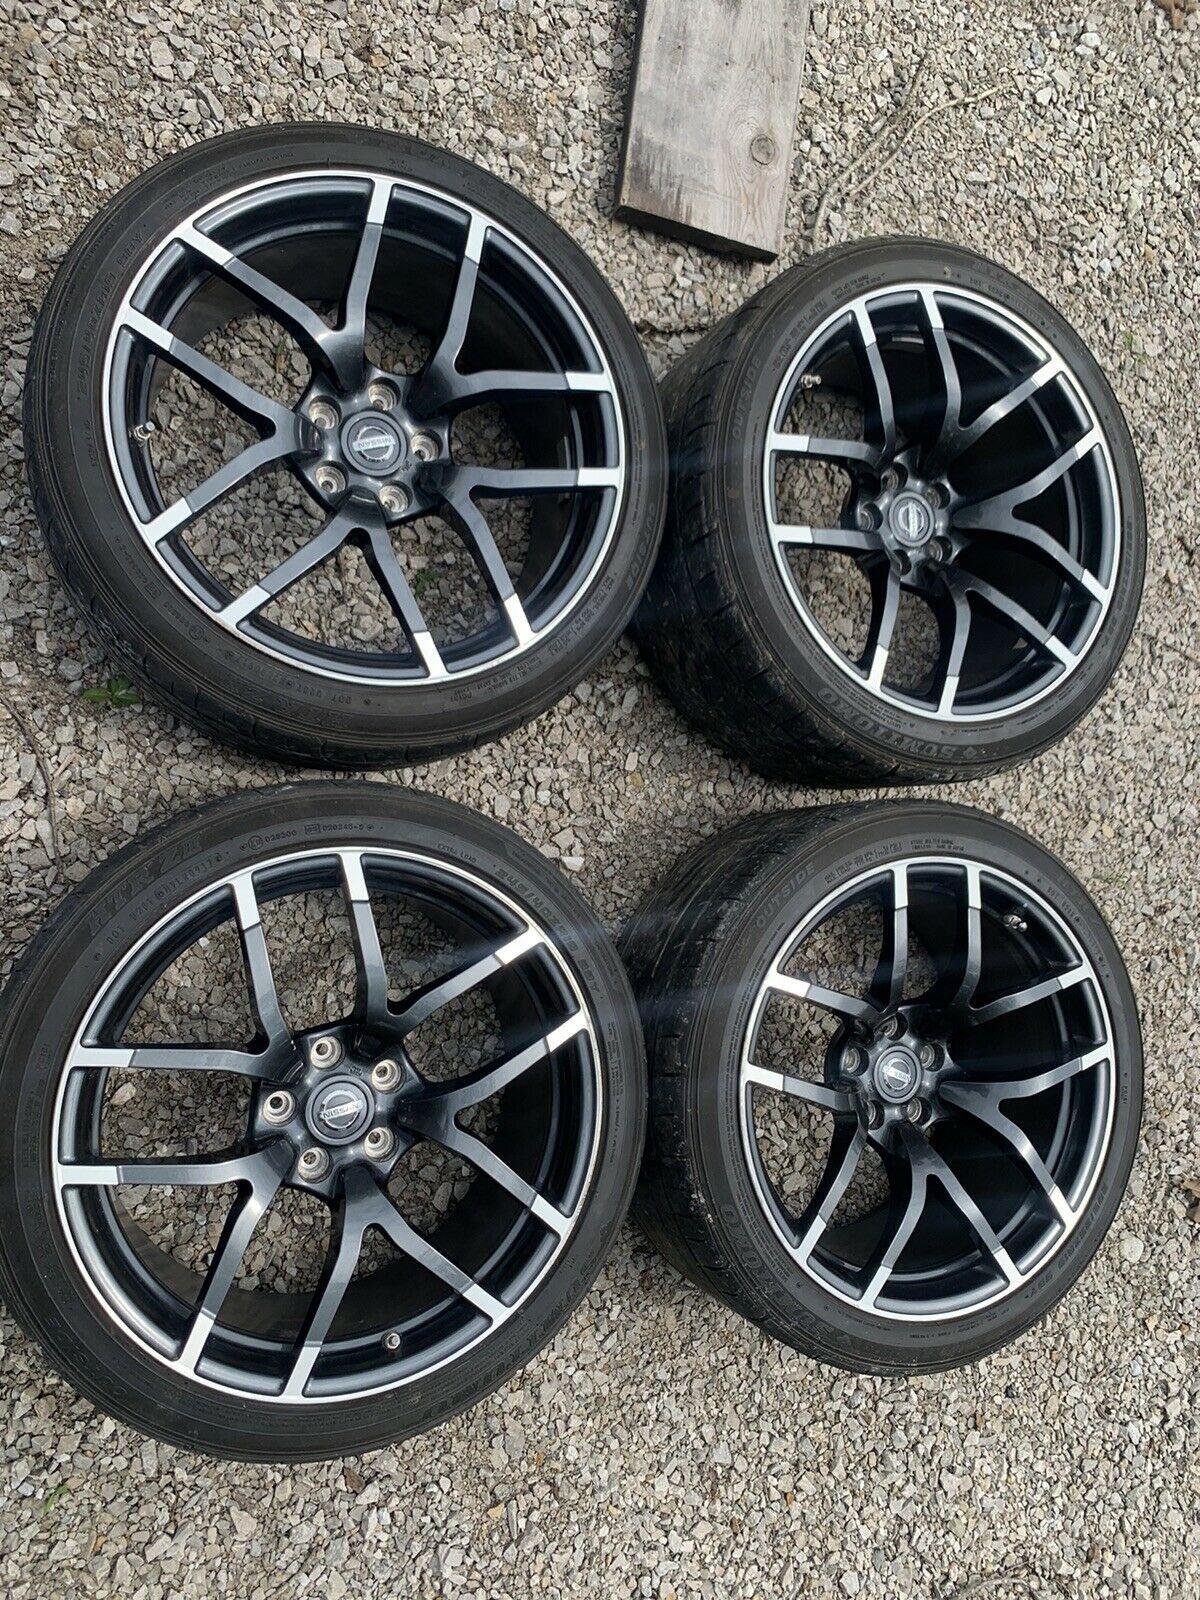 370z Rims Rims Nissan 370z Nismo Wheel